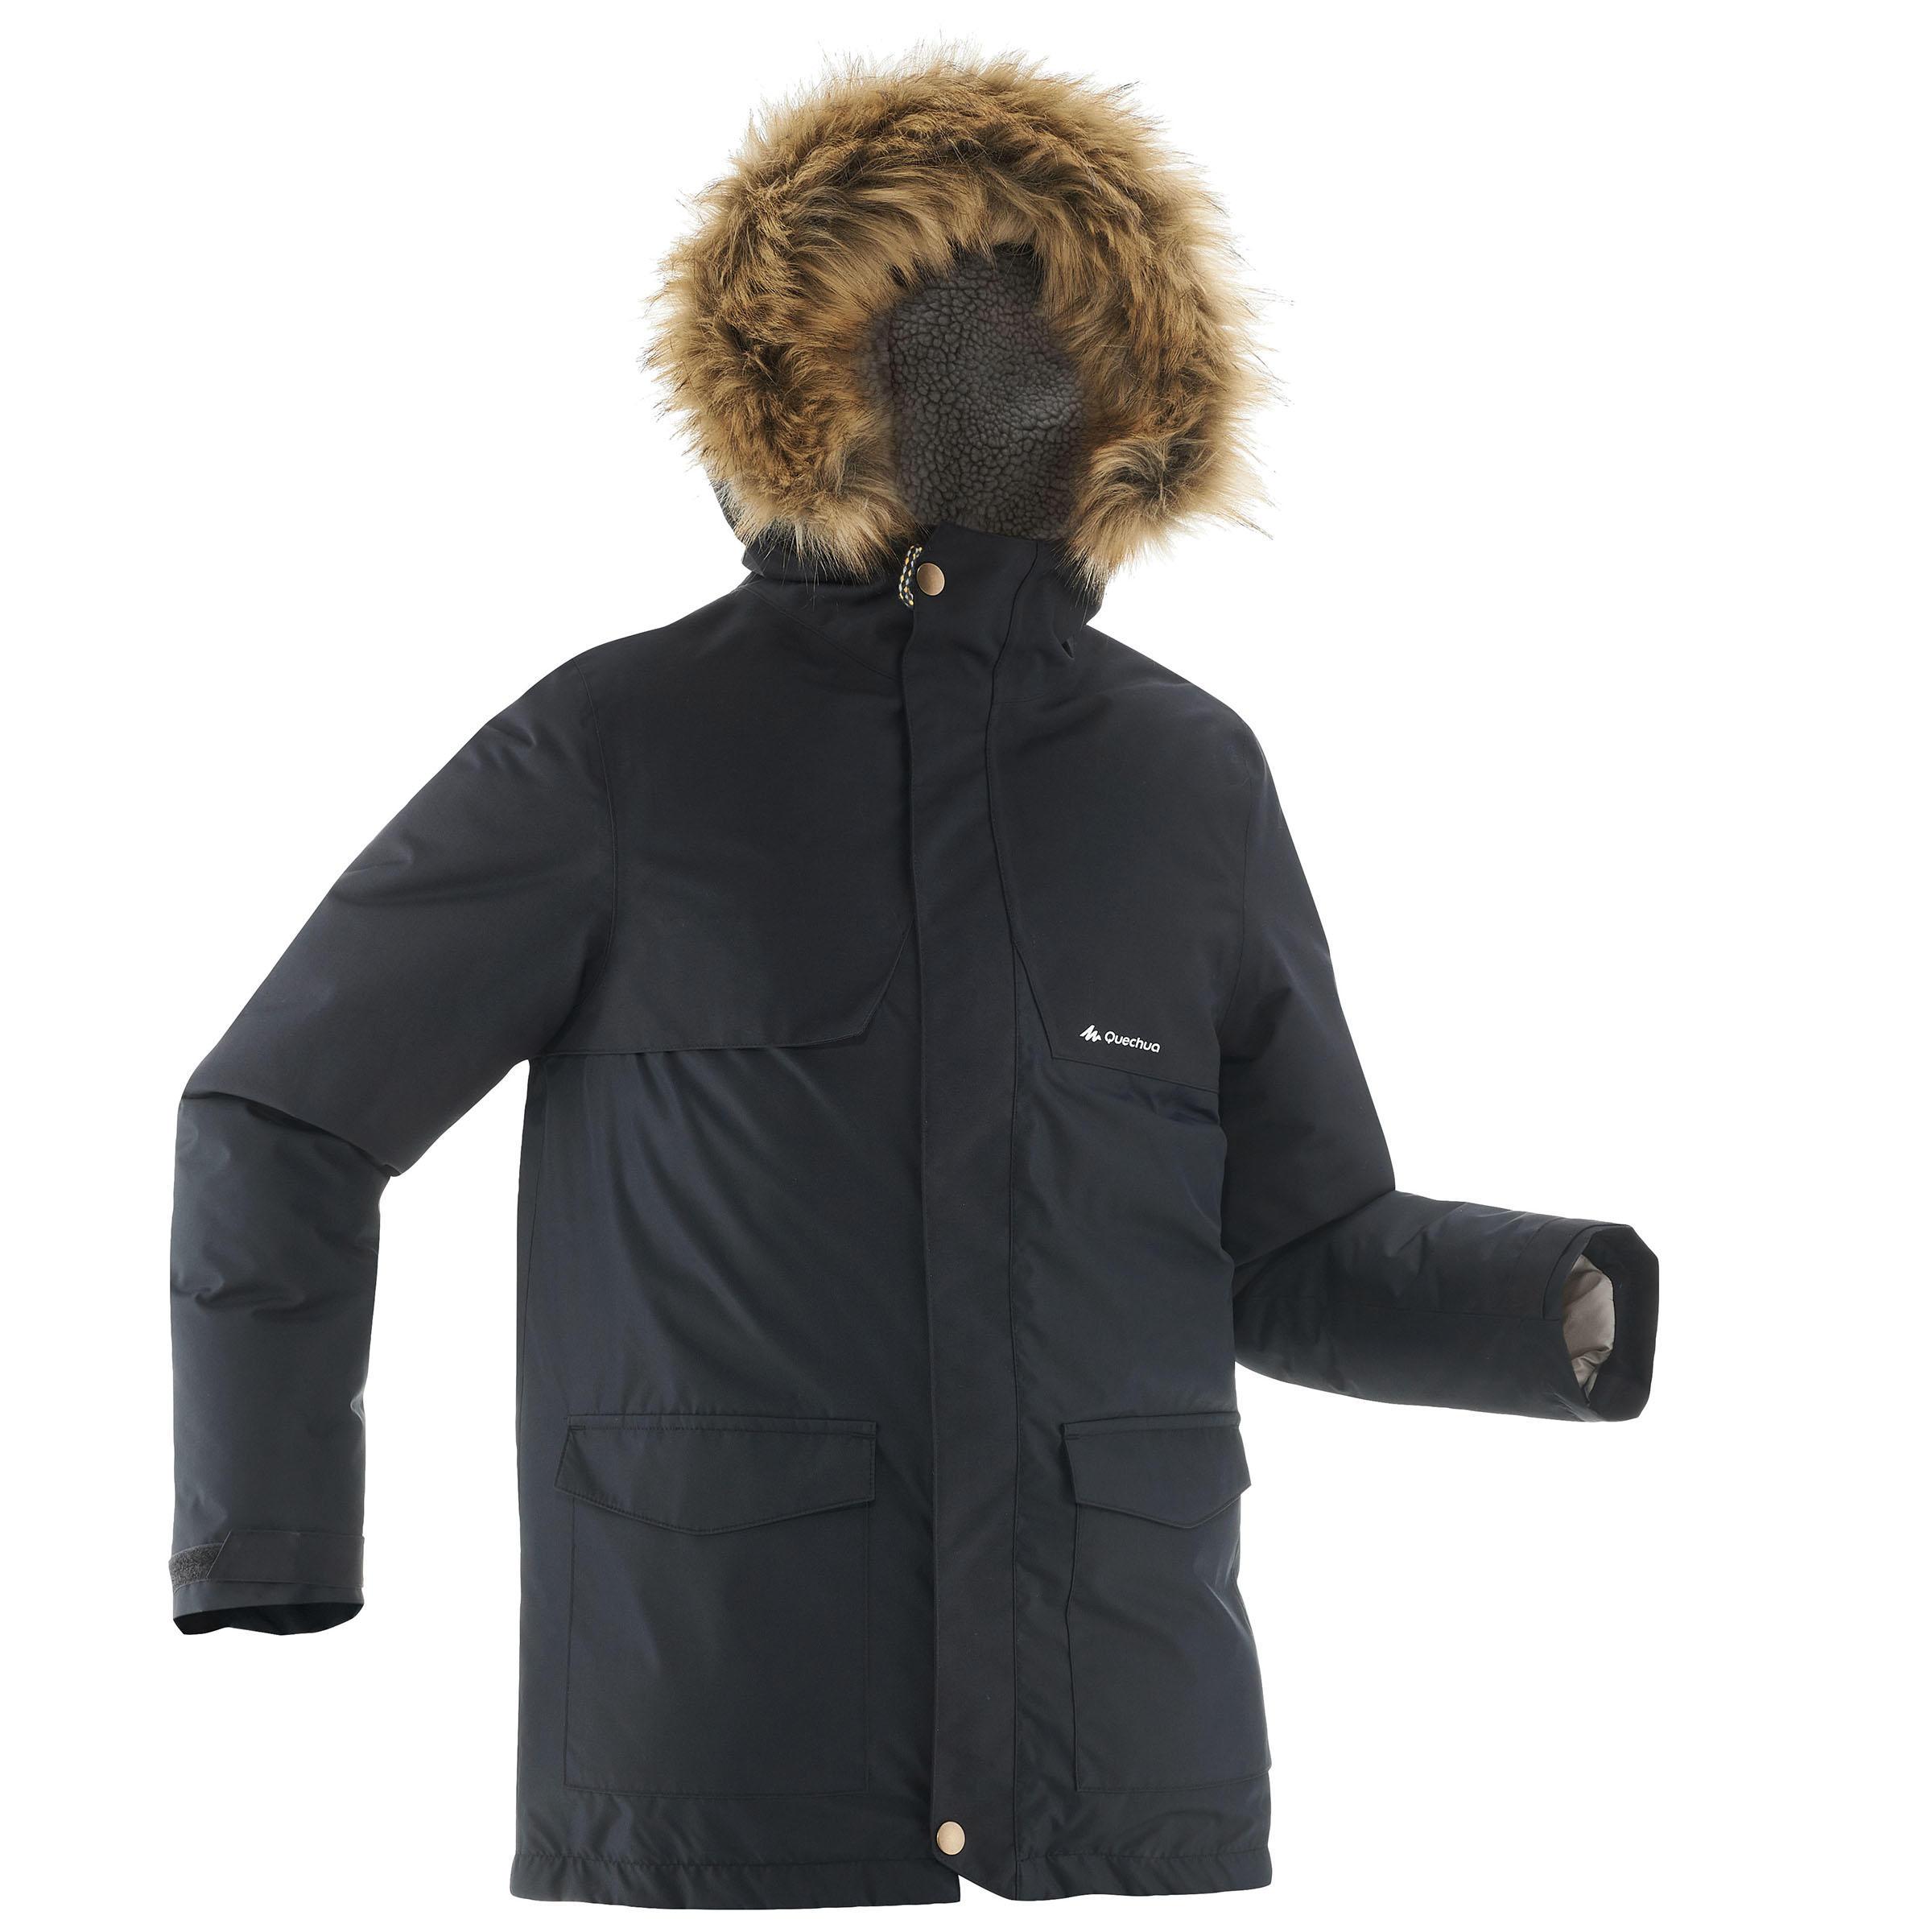 Veste de randonnée neige junior SH500 x-warm noire